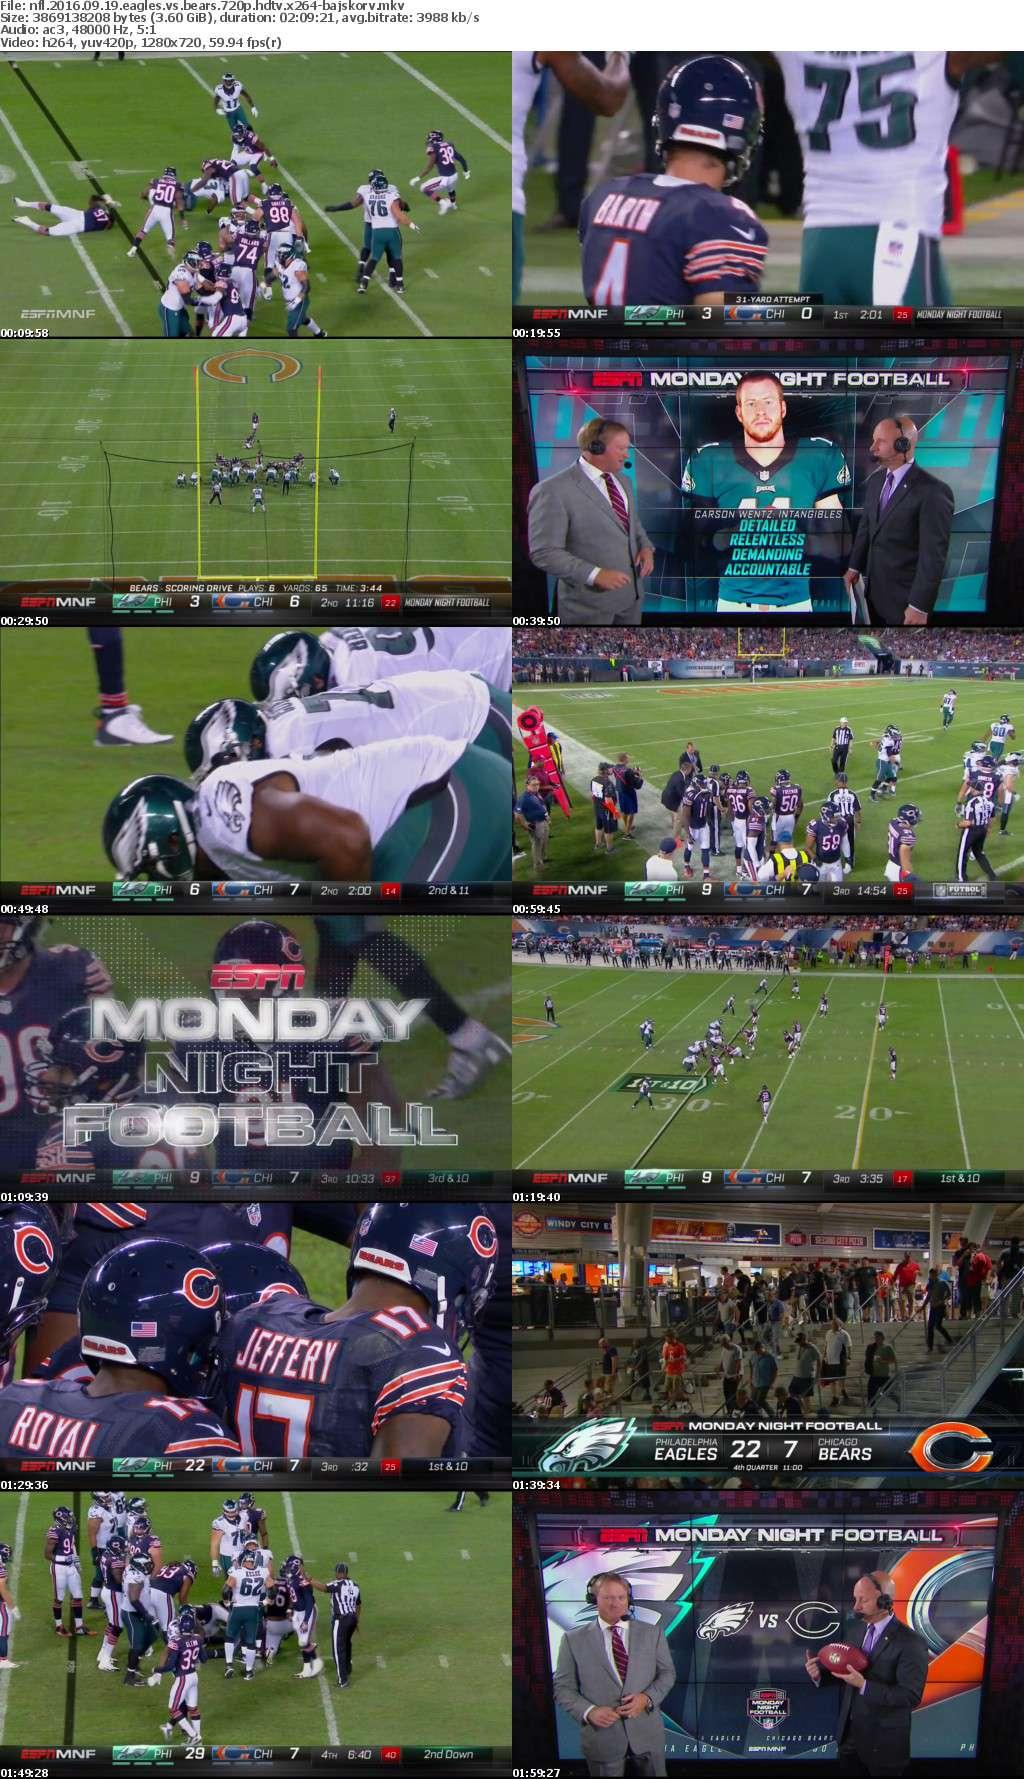 NFL 2016 09 19 Eagles vs Bears 720p HDTV x264-BAJSKORV